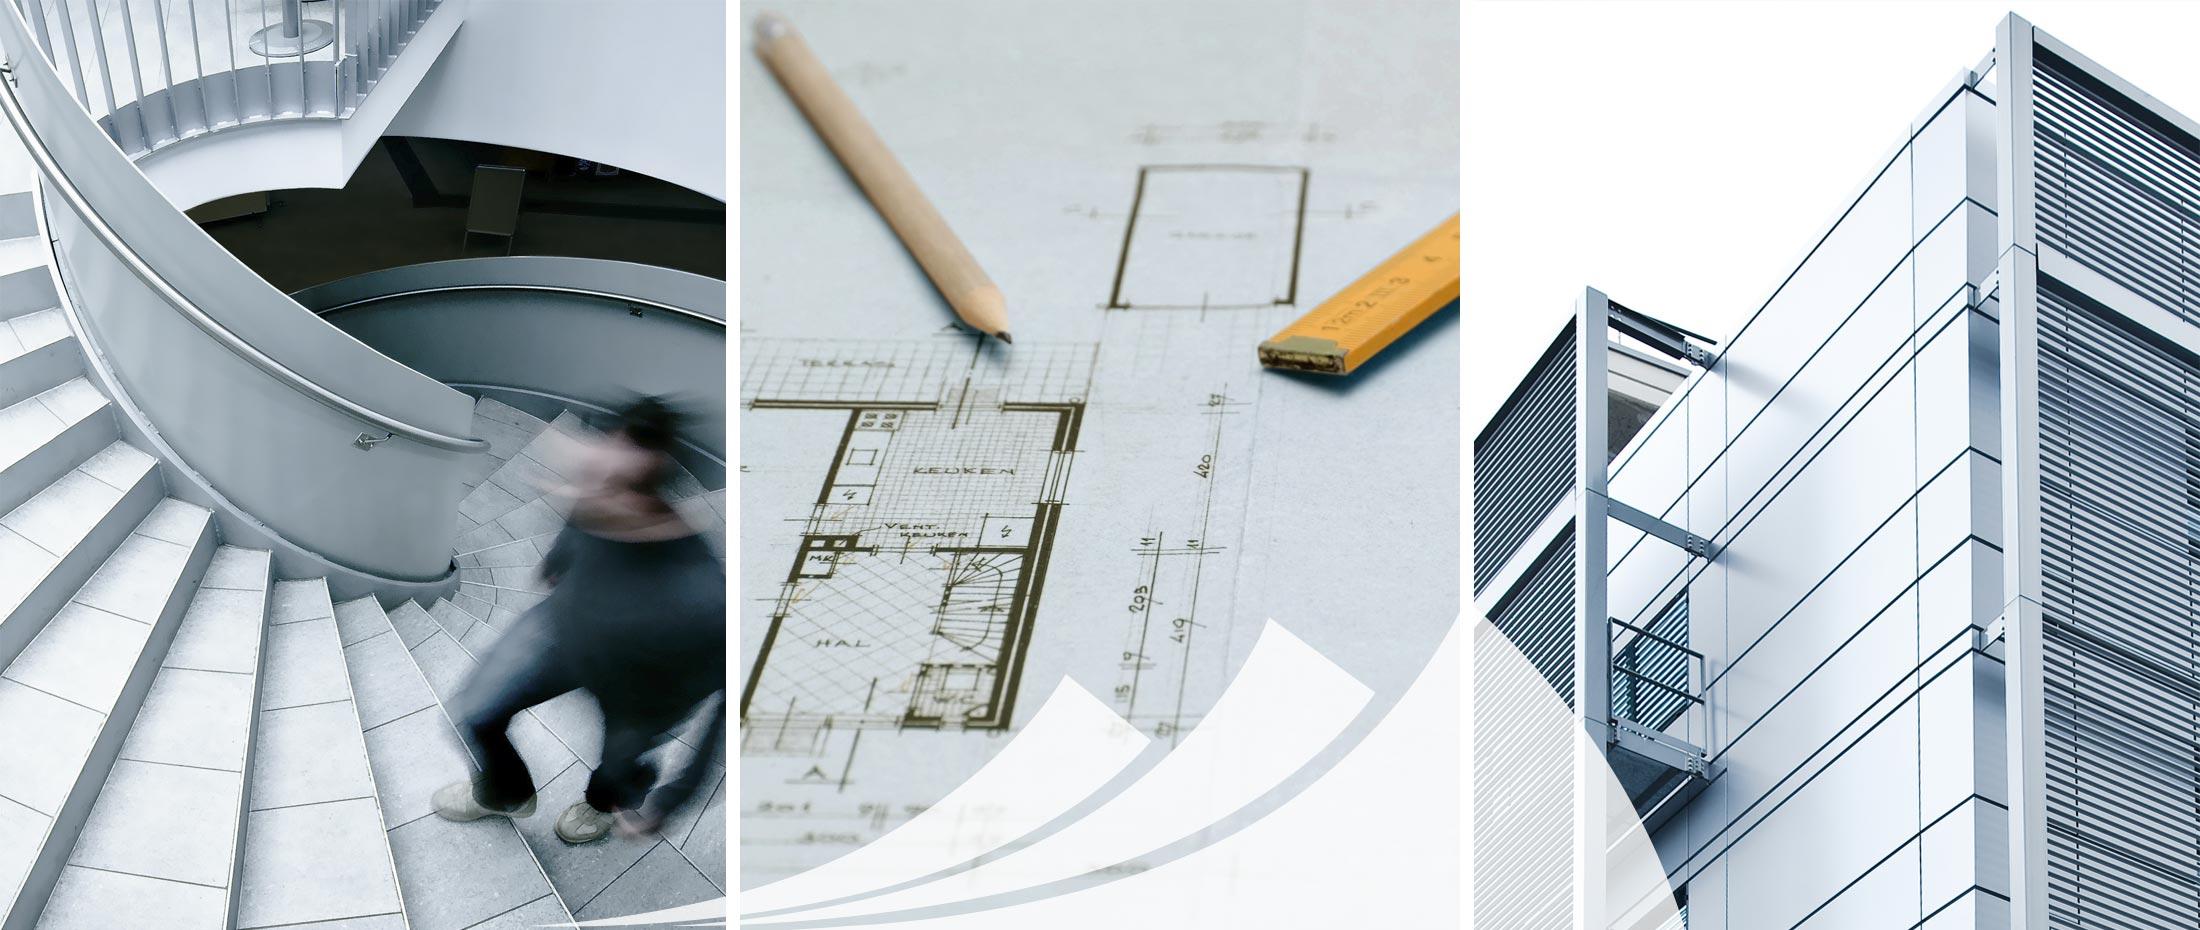 Bauzeichnung, Grundriss und Ingenieurbüro.